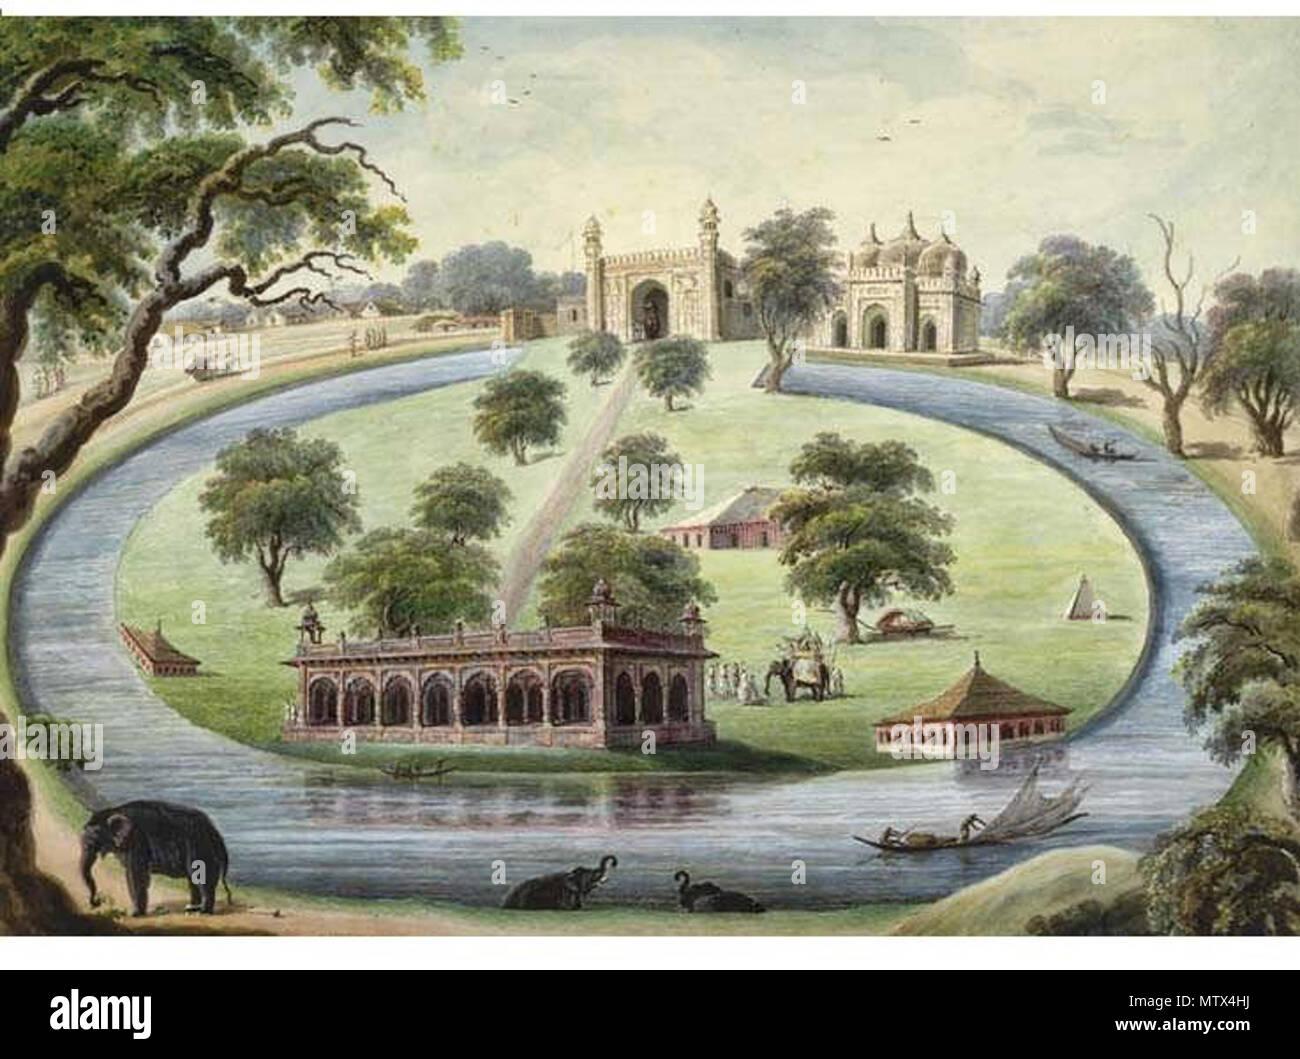 . Englisch: ein Panoramablick auf die Malerei der Maotijhil Palace, See, Moscheen und Grabstätten. (Unbekannt). (Unbekannt) 426 Moti jheel Palace 2 Stockbild